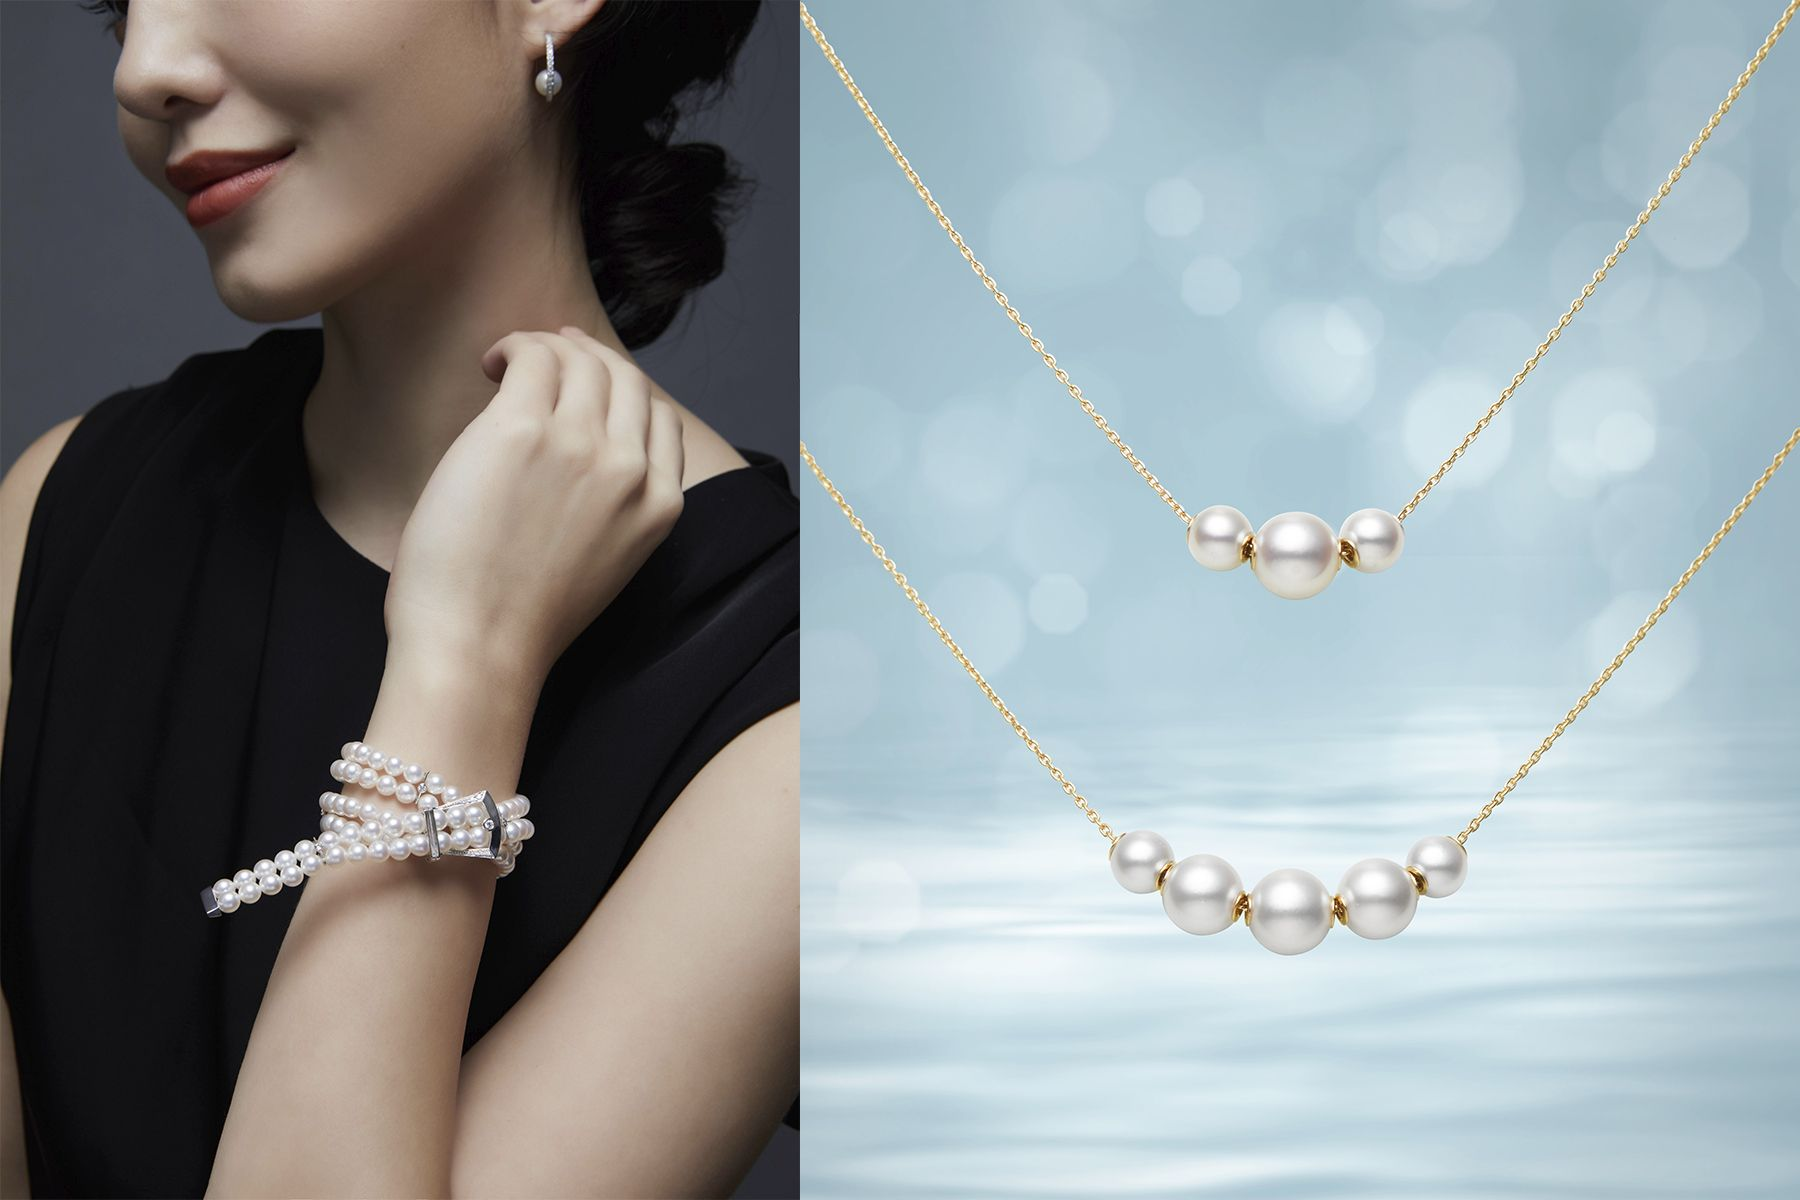 MIKIMOTO經典珍珠月:帶來幸運與祝福的六月誕生石